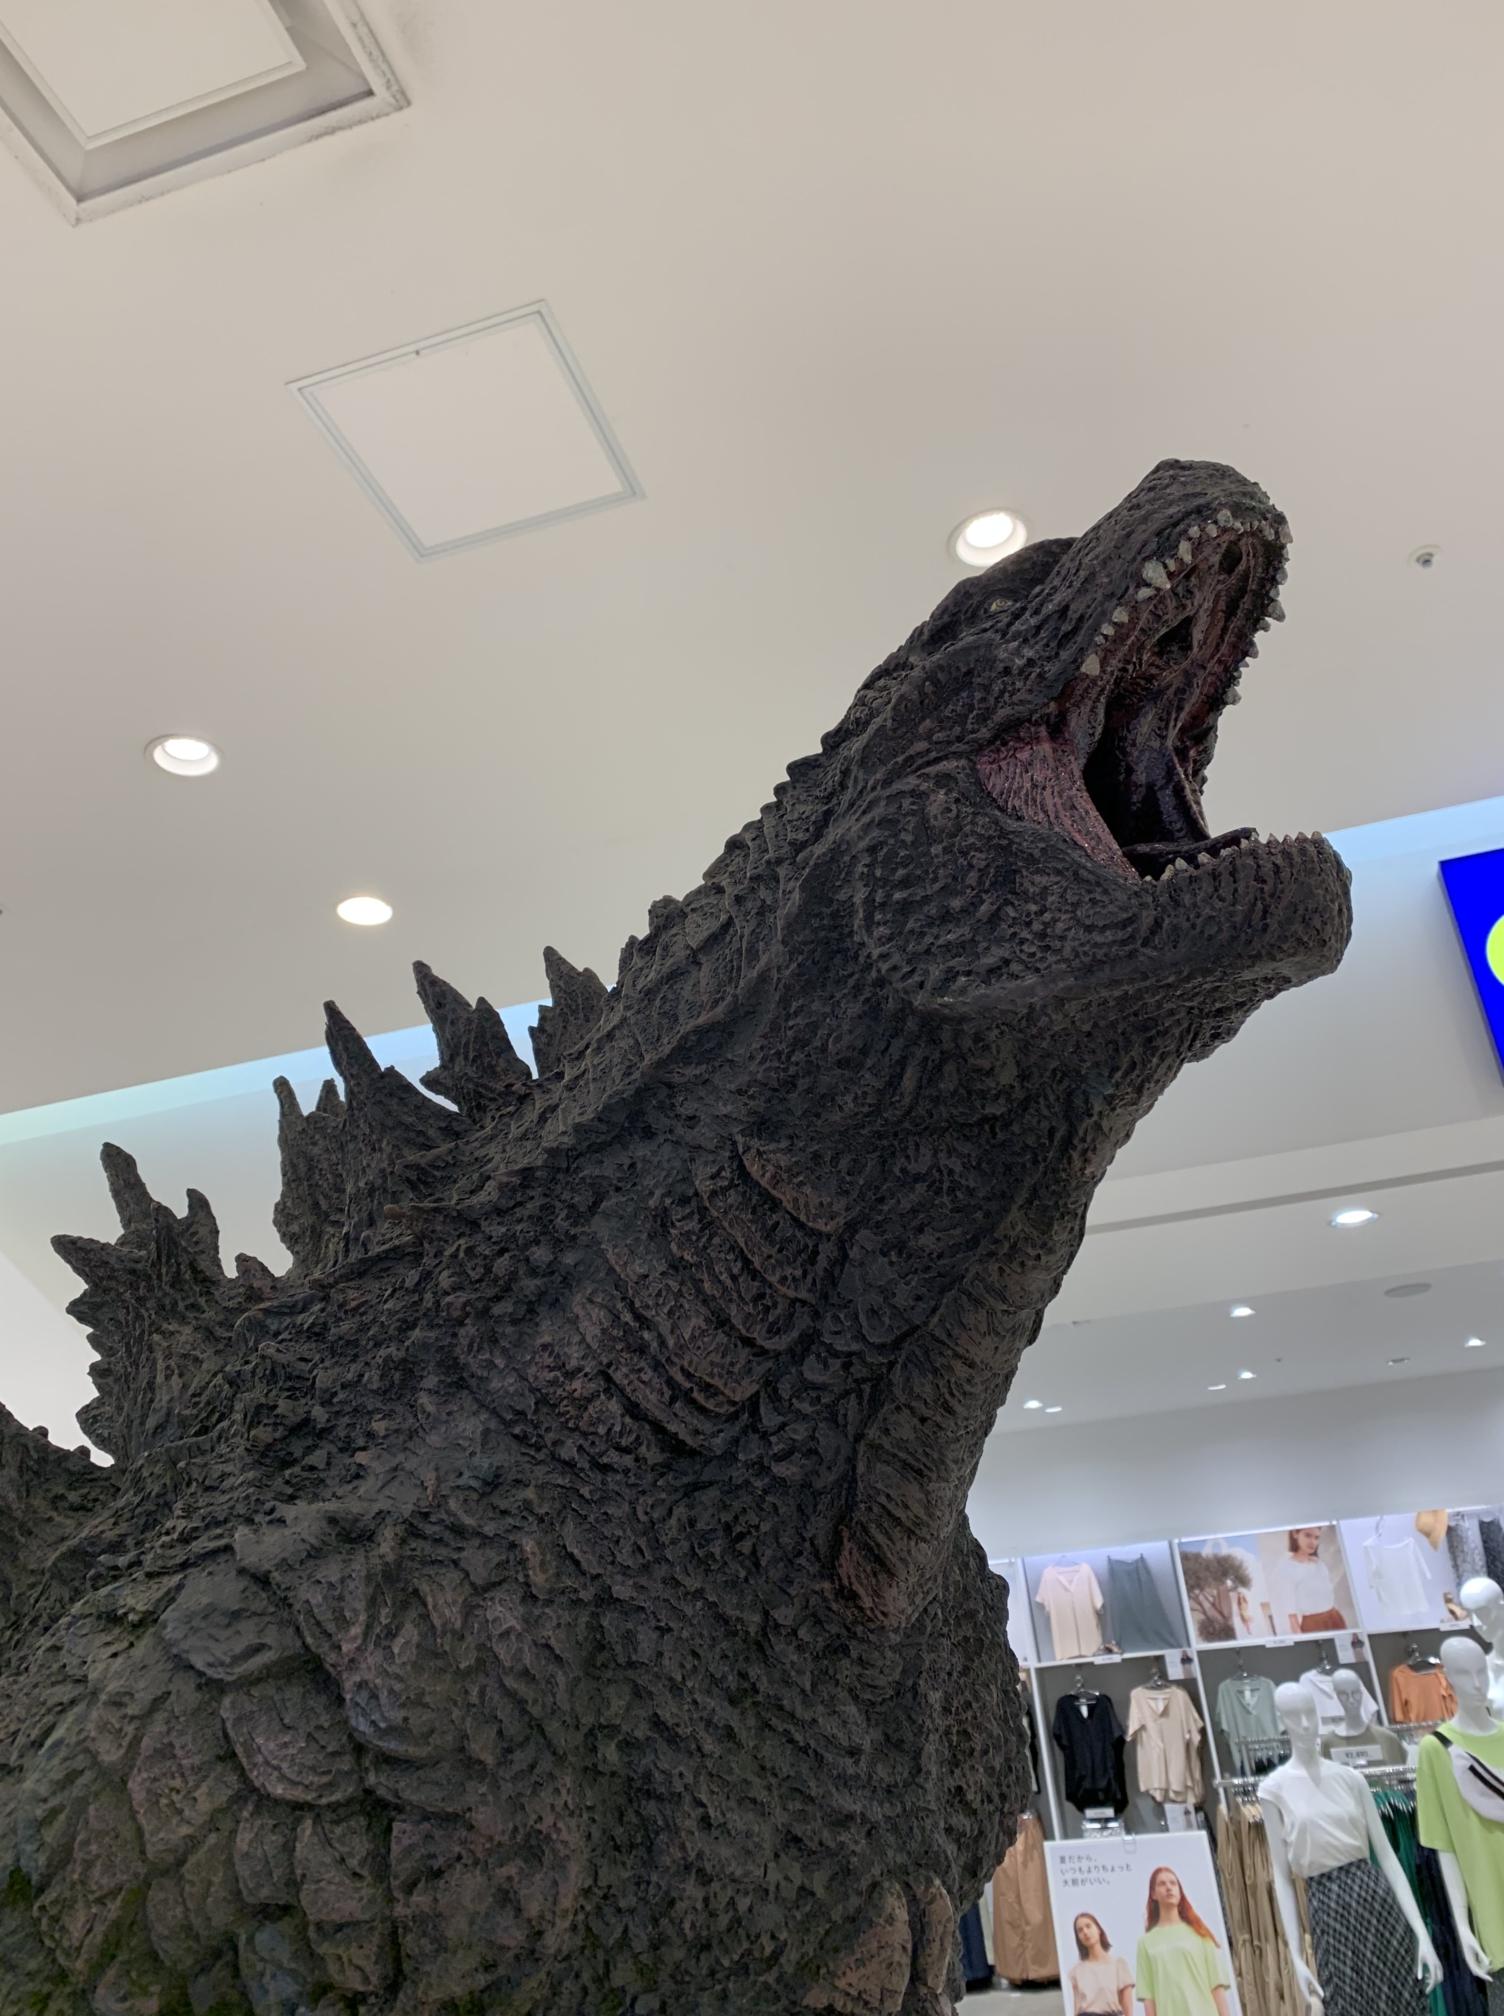 ららぽーと横浜のゴジラバストショット